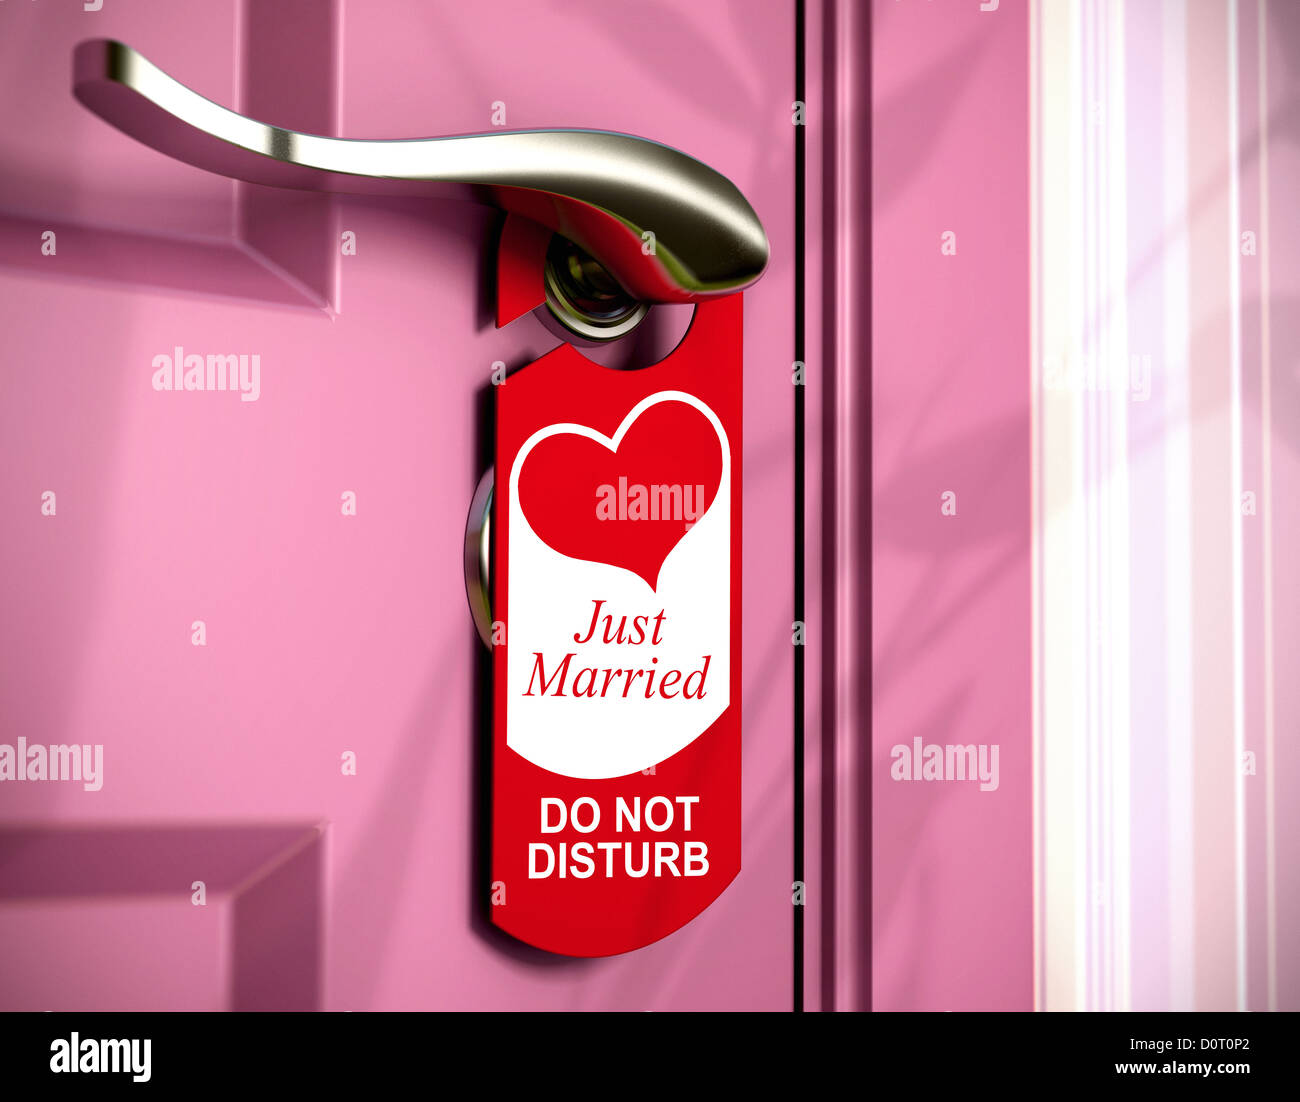 Appena sposato scritto su una porta rossa appendiabiti, impiccato su una maniglia in metallo di una camera rosa porta, concetto di luna di miele. Foto Stock